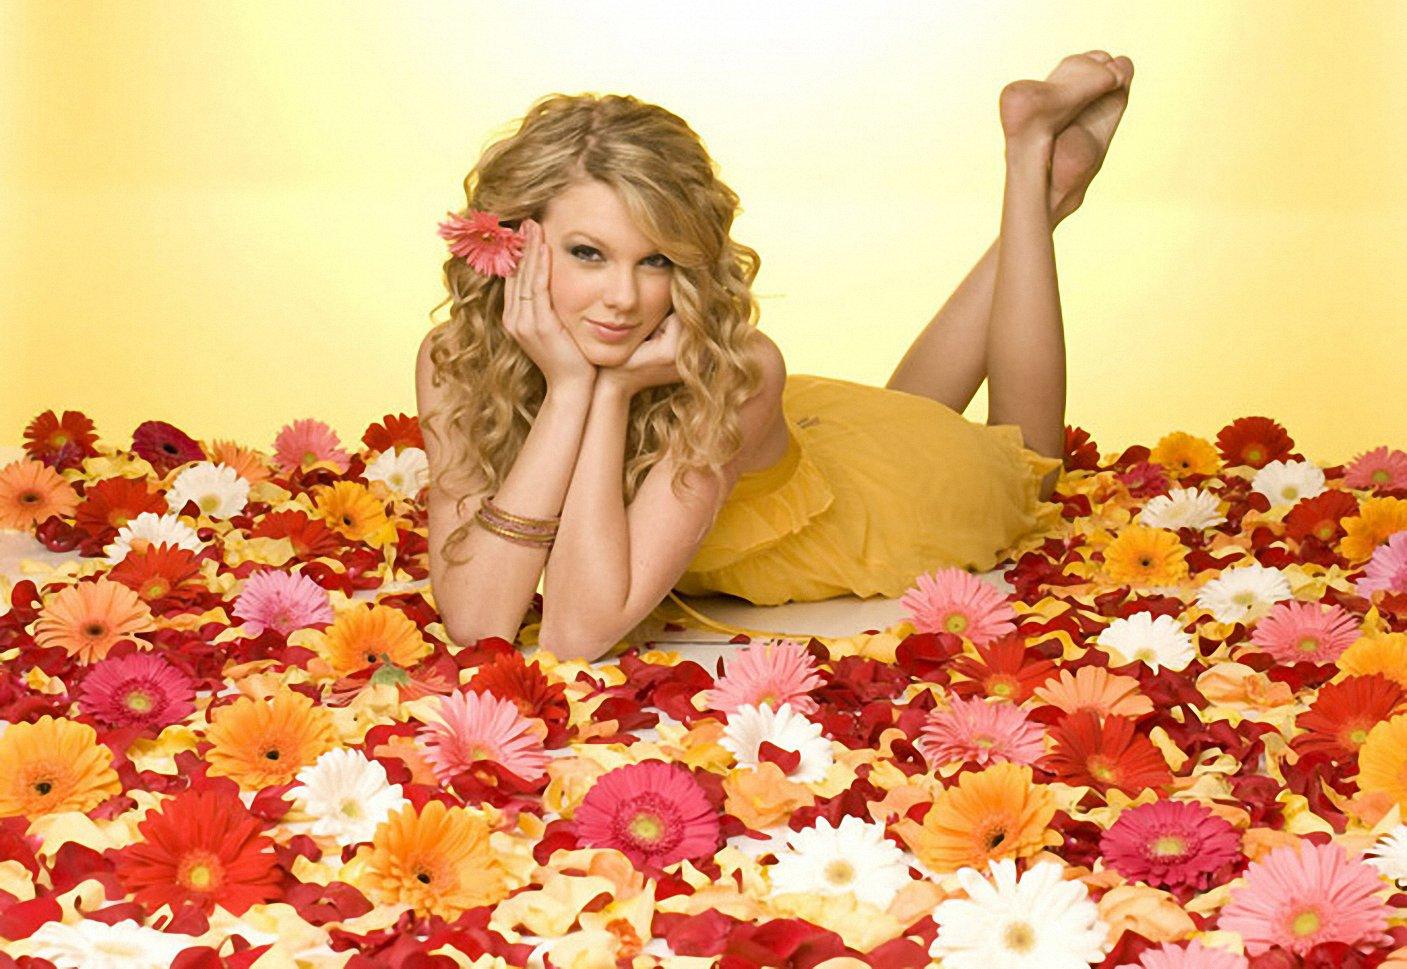 Taylor Swift FeetTaylor Swift Foot